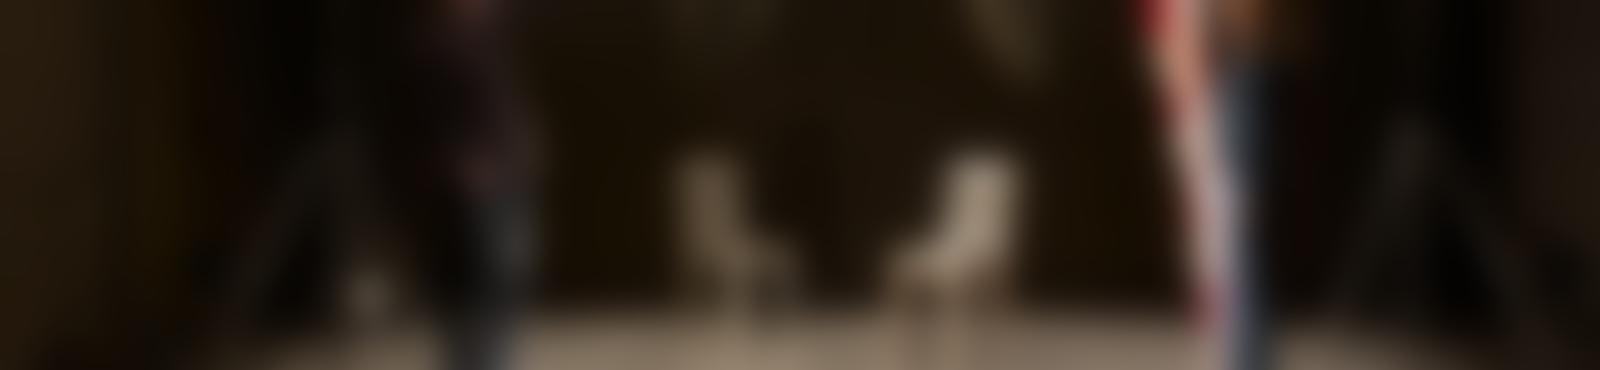 Blurred 8f274f34 2f9f 4f3c a0d9 44f6d6fb4aa6